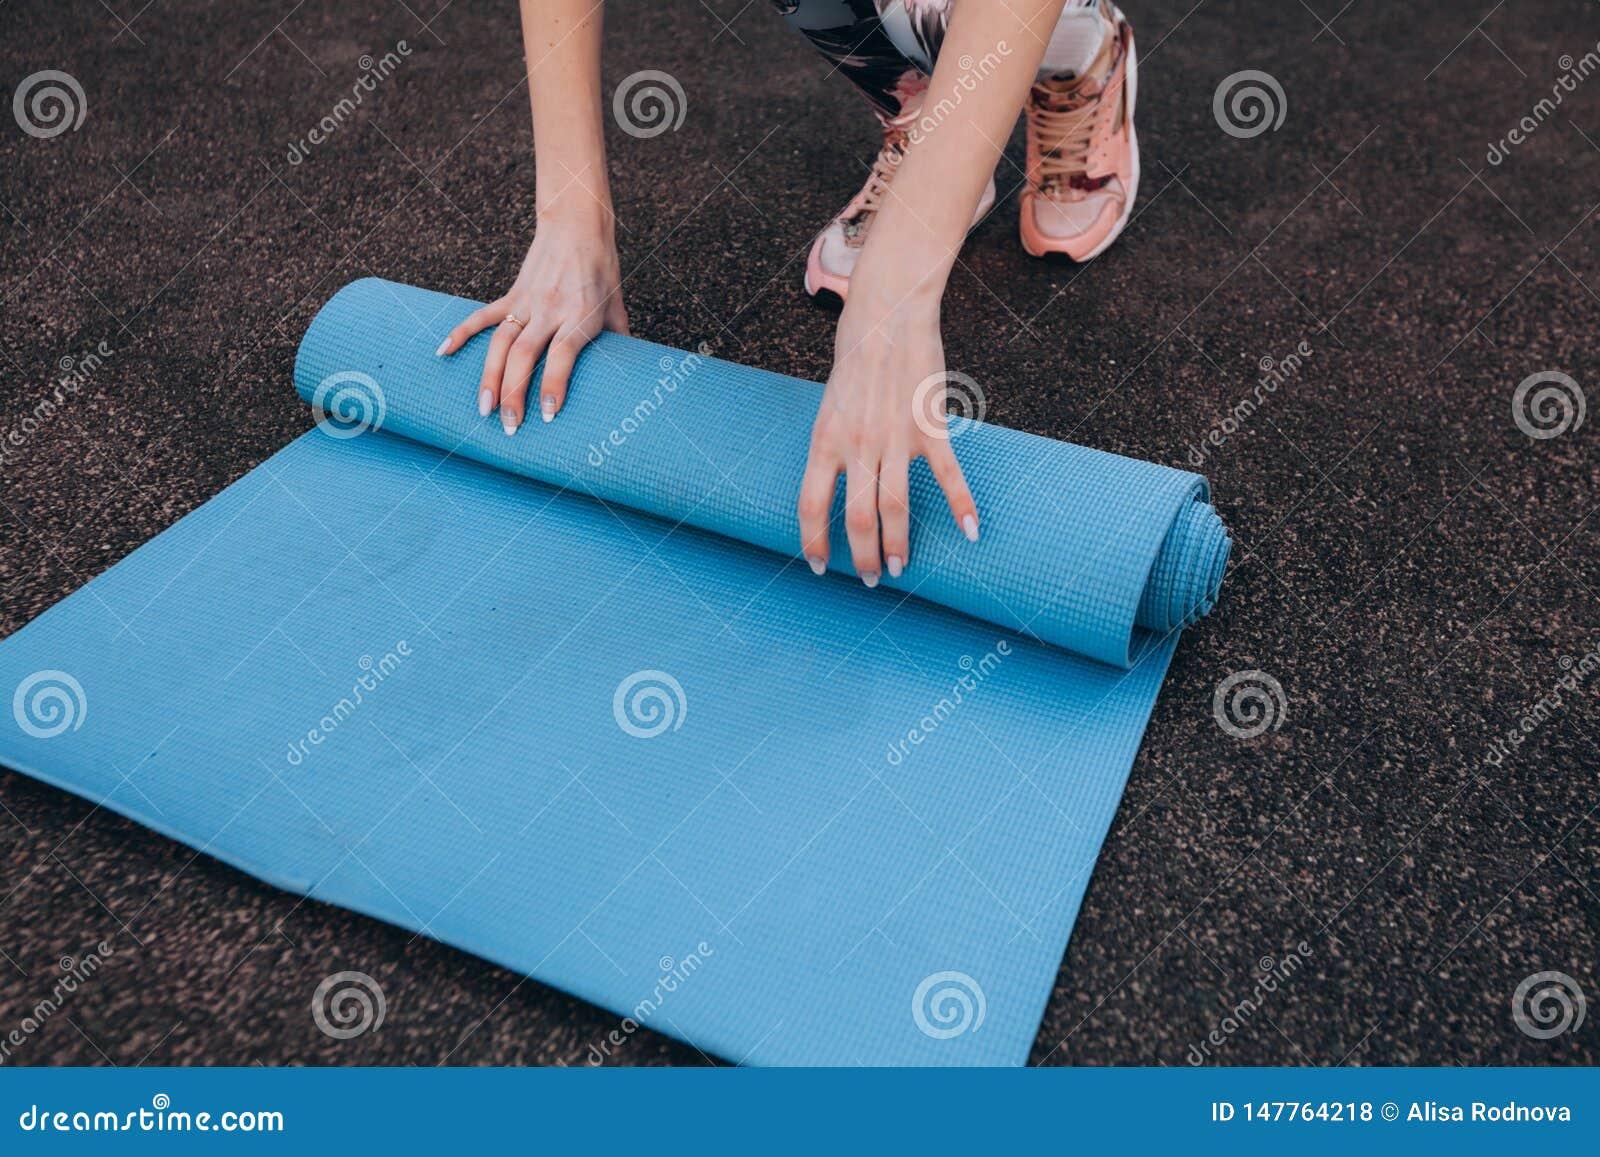 Tapis bleu de forme physique après la formation au stade